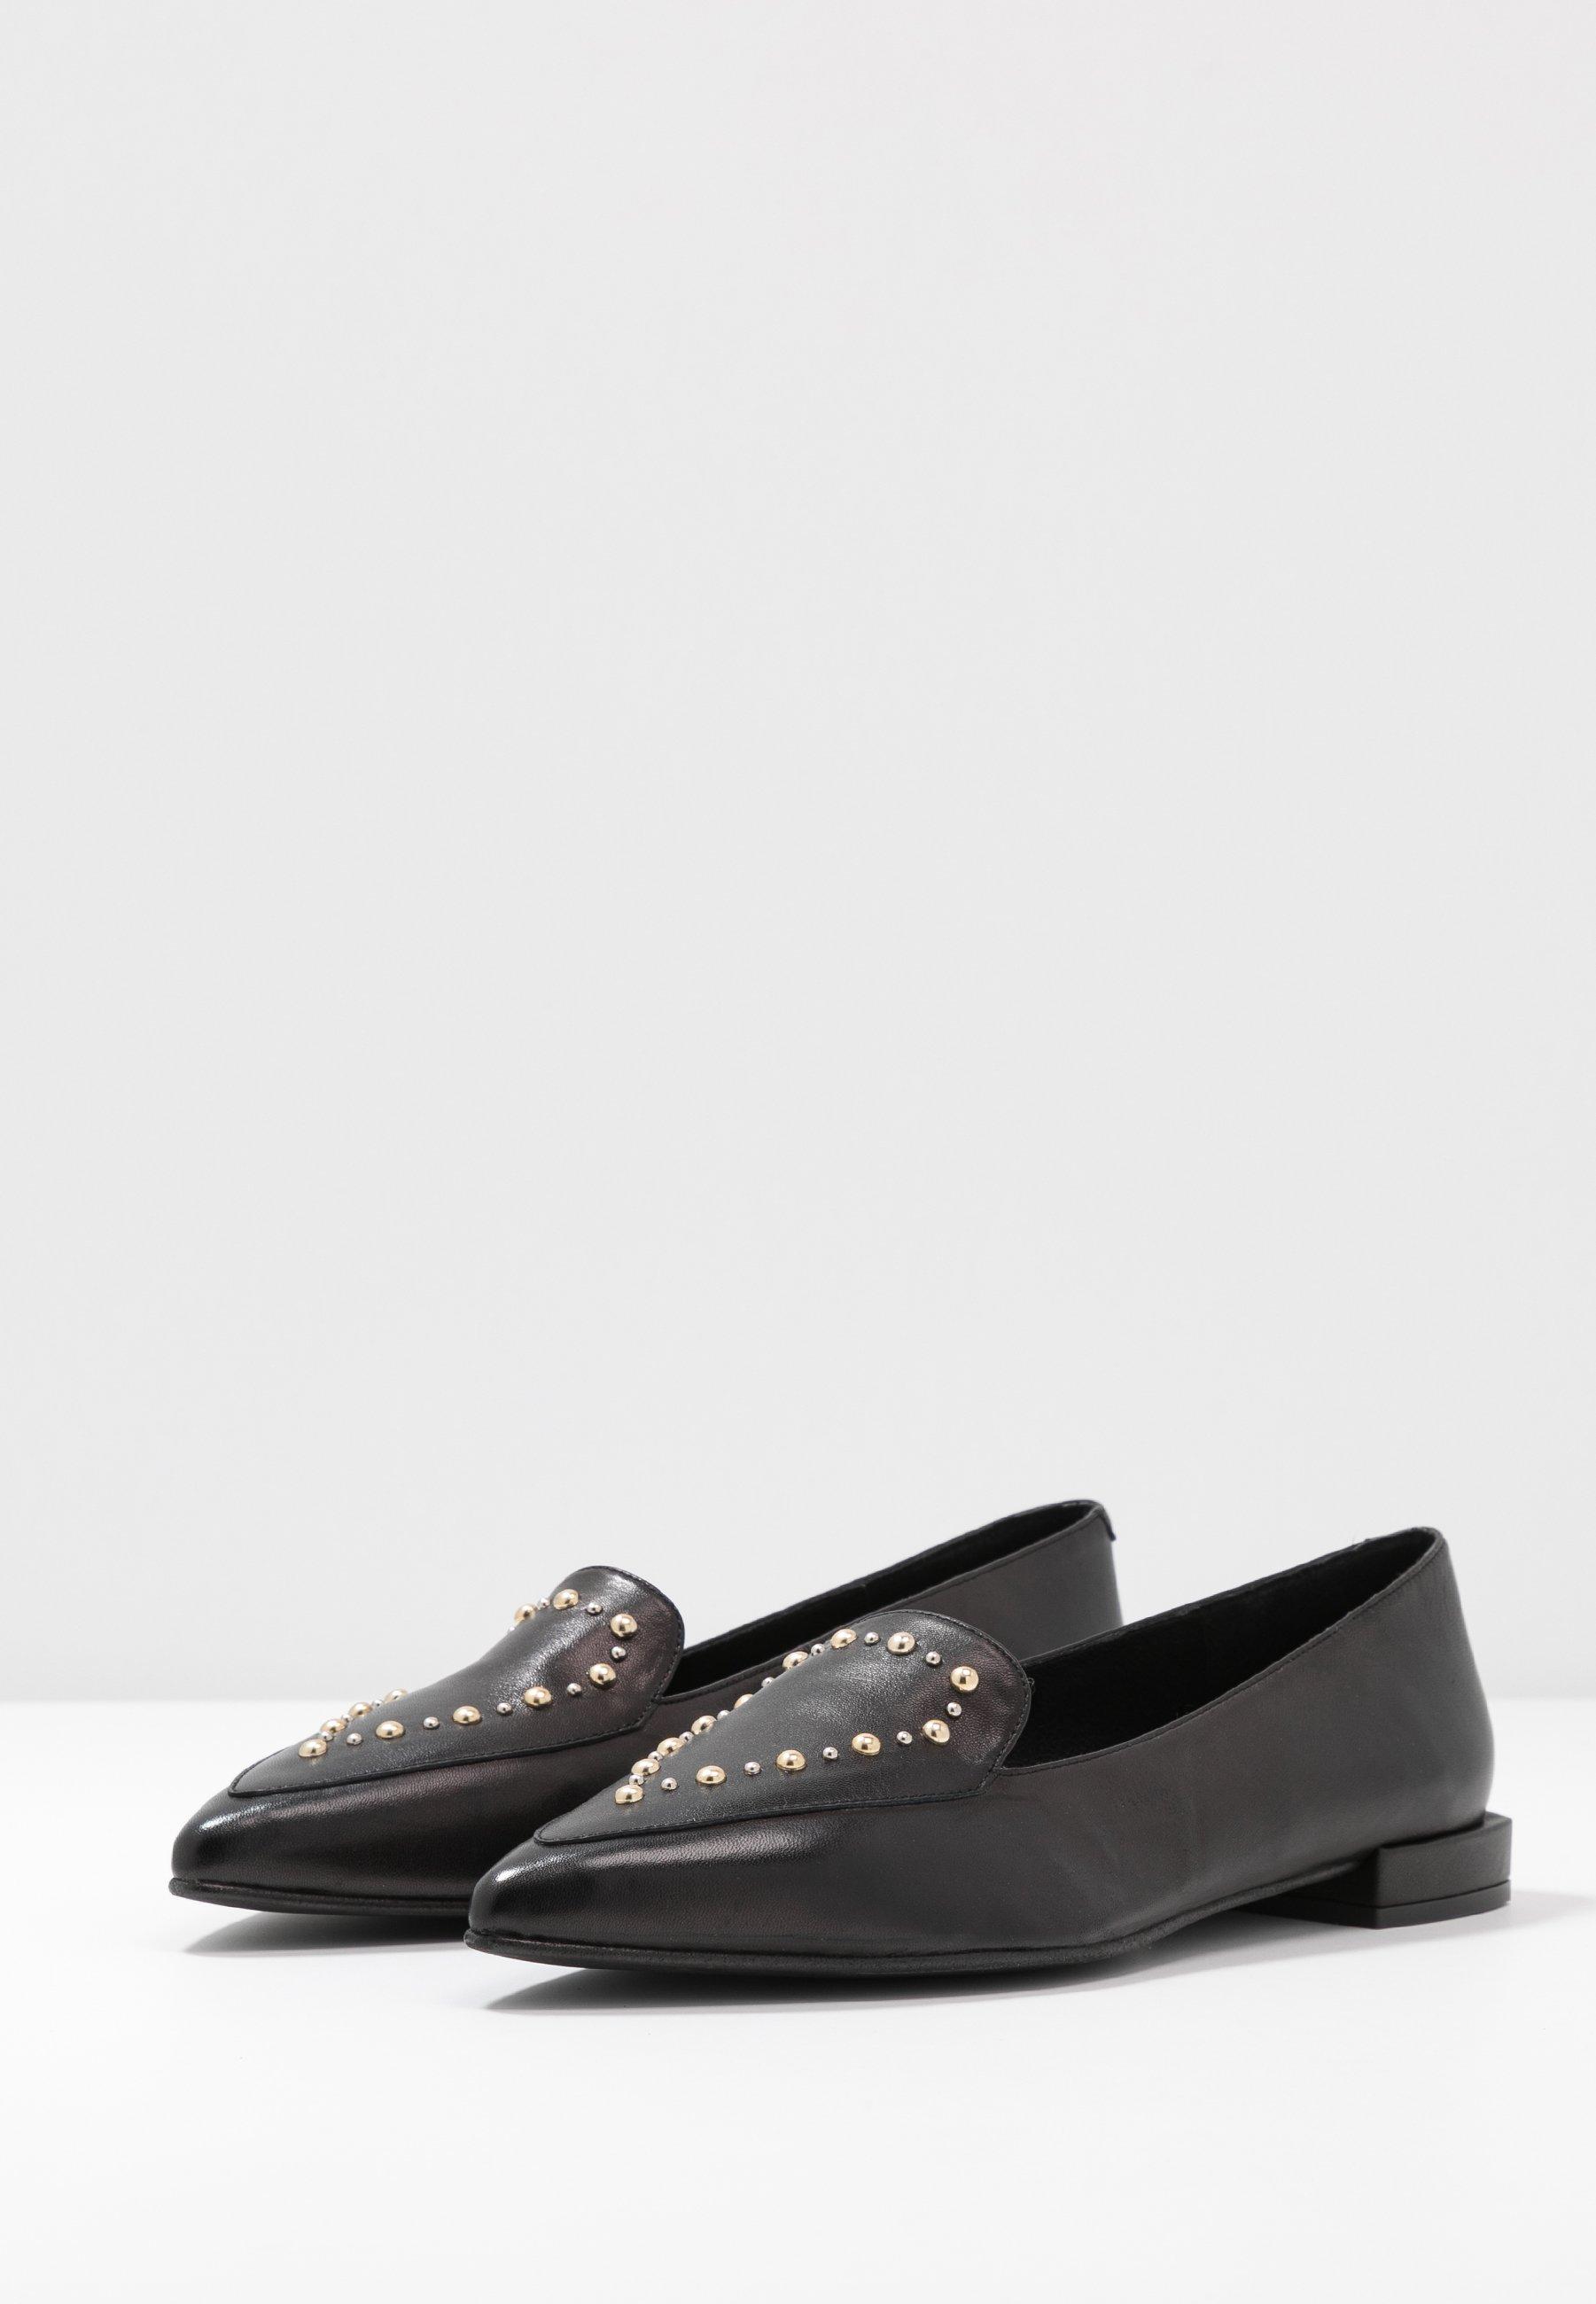 Perfetto Scarpe da Donna Copenhagen Shoes SUCCES STUDS Scarpe senza lacci black